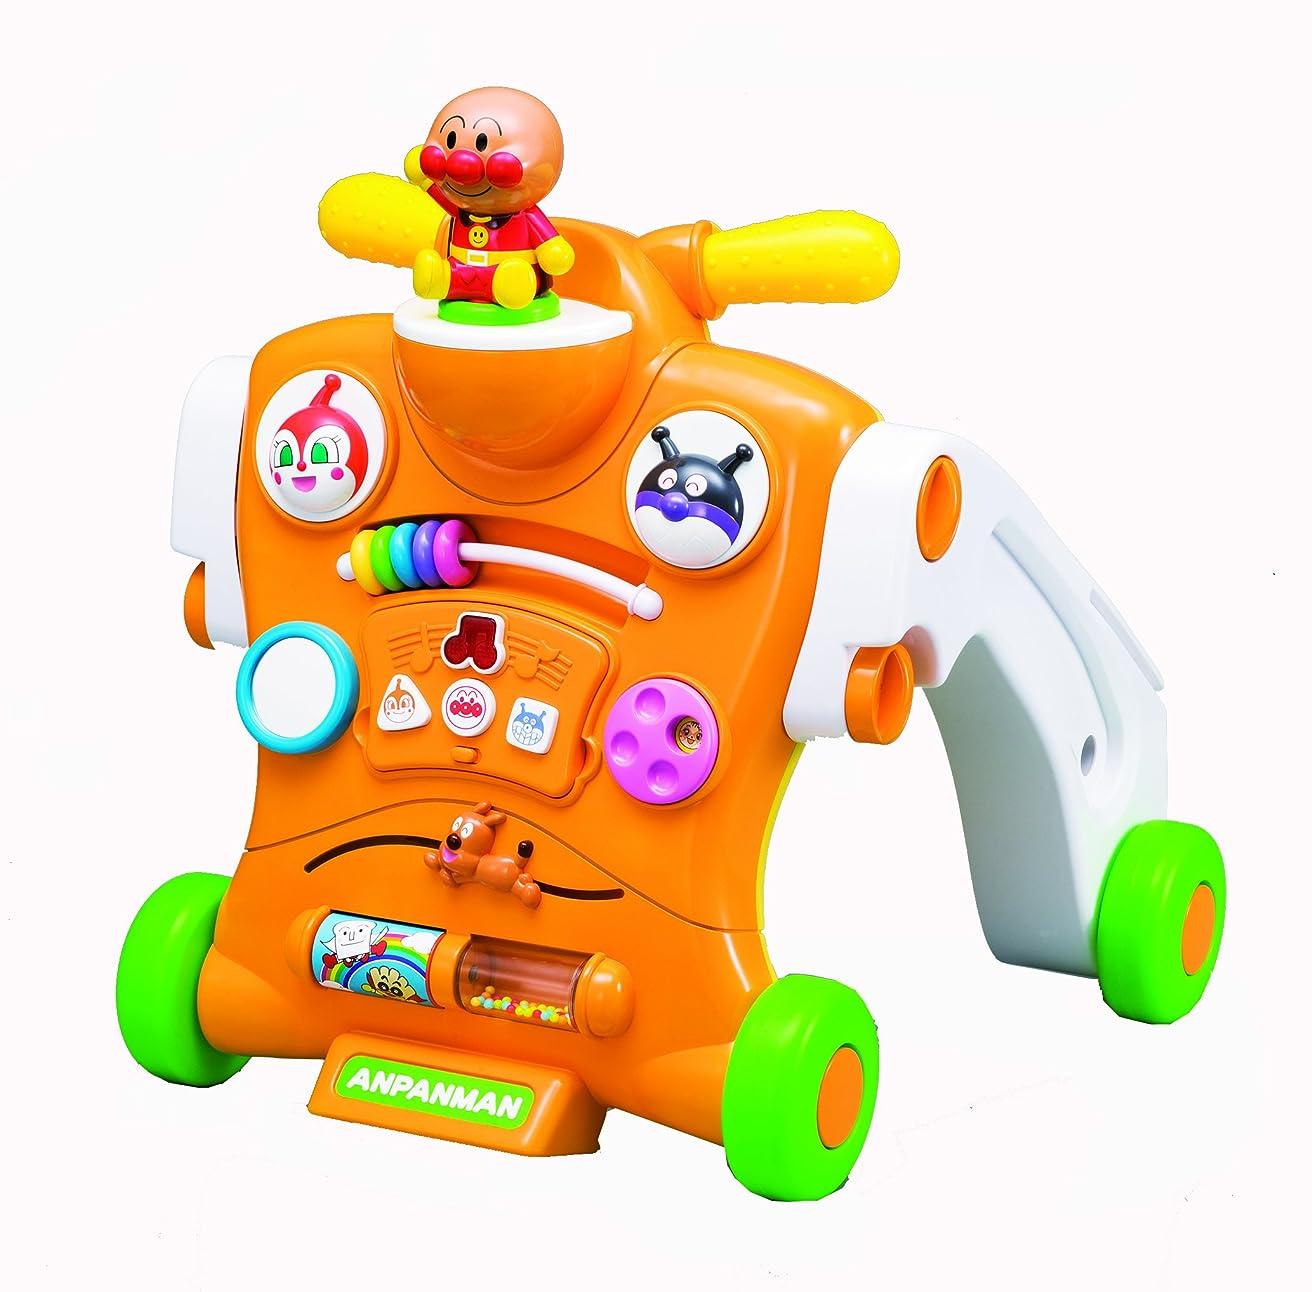 側費用強化アンパンマン おしゃべり消防車 (リニューアル)